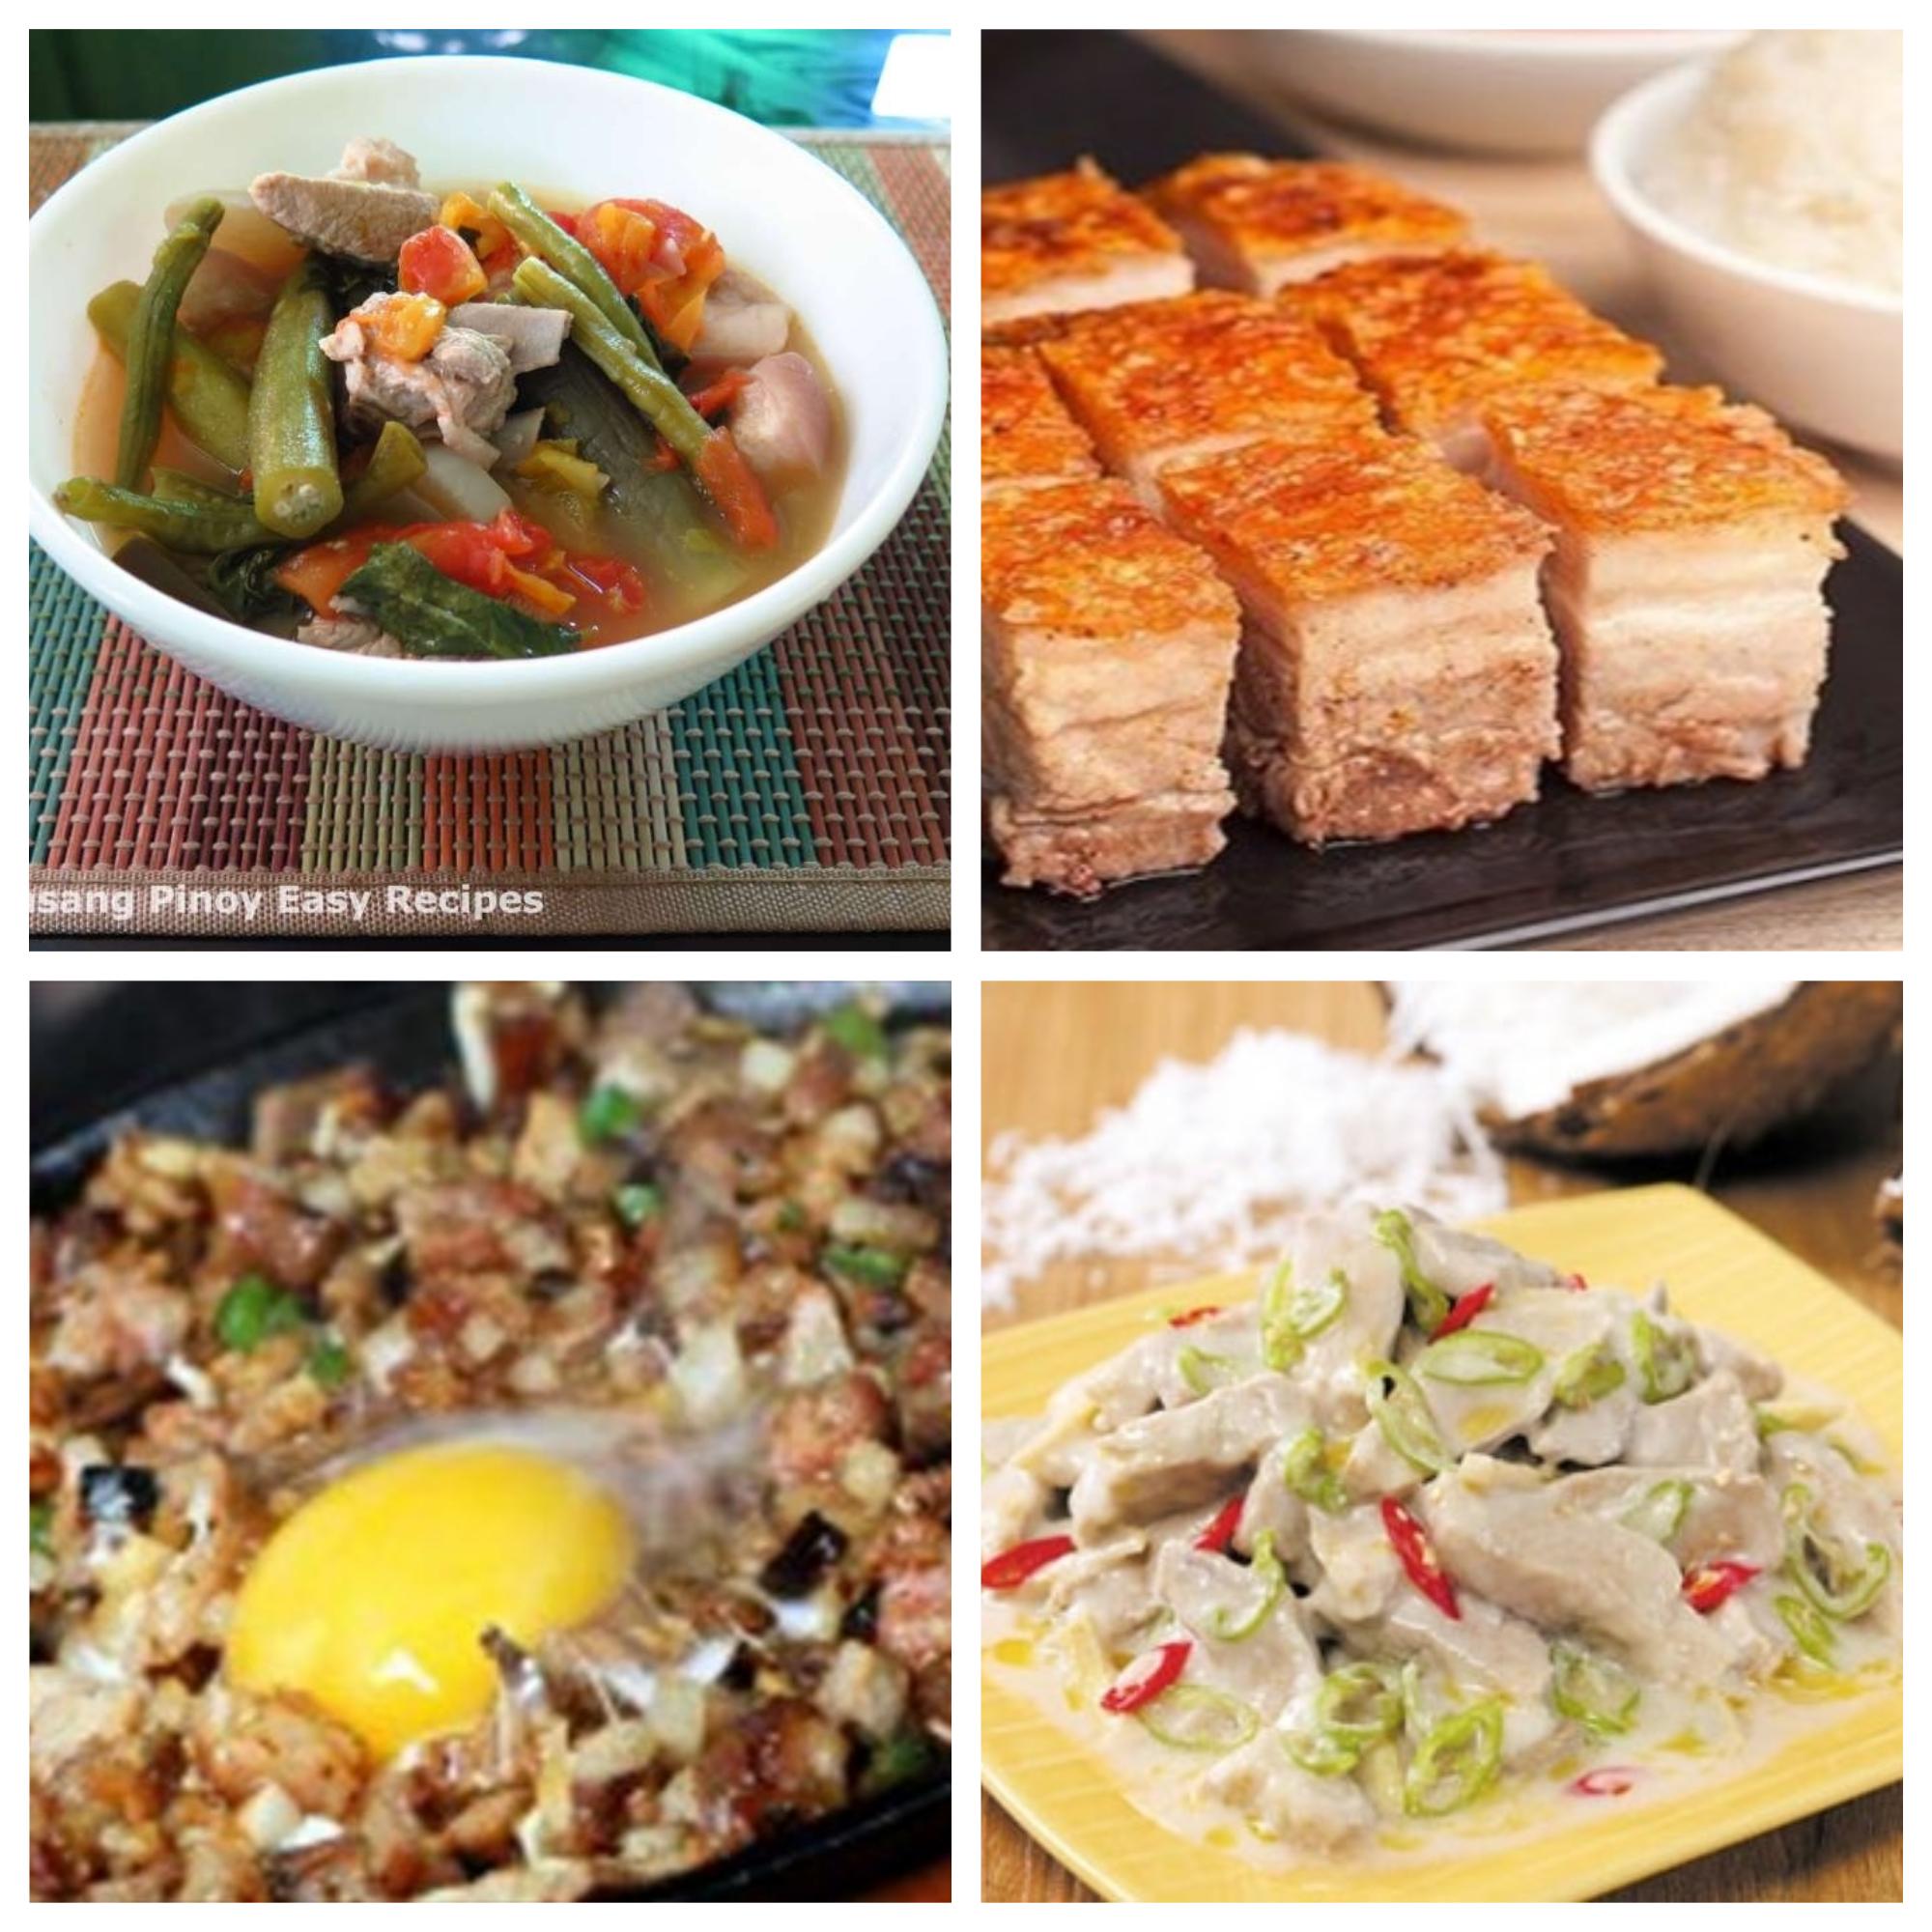 Filipino Pork Recipes - Panlasang Pinoy Recipes™